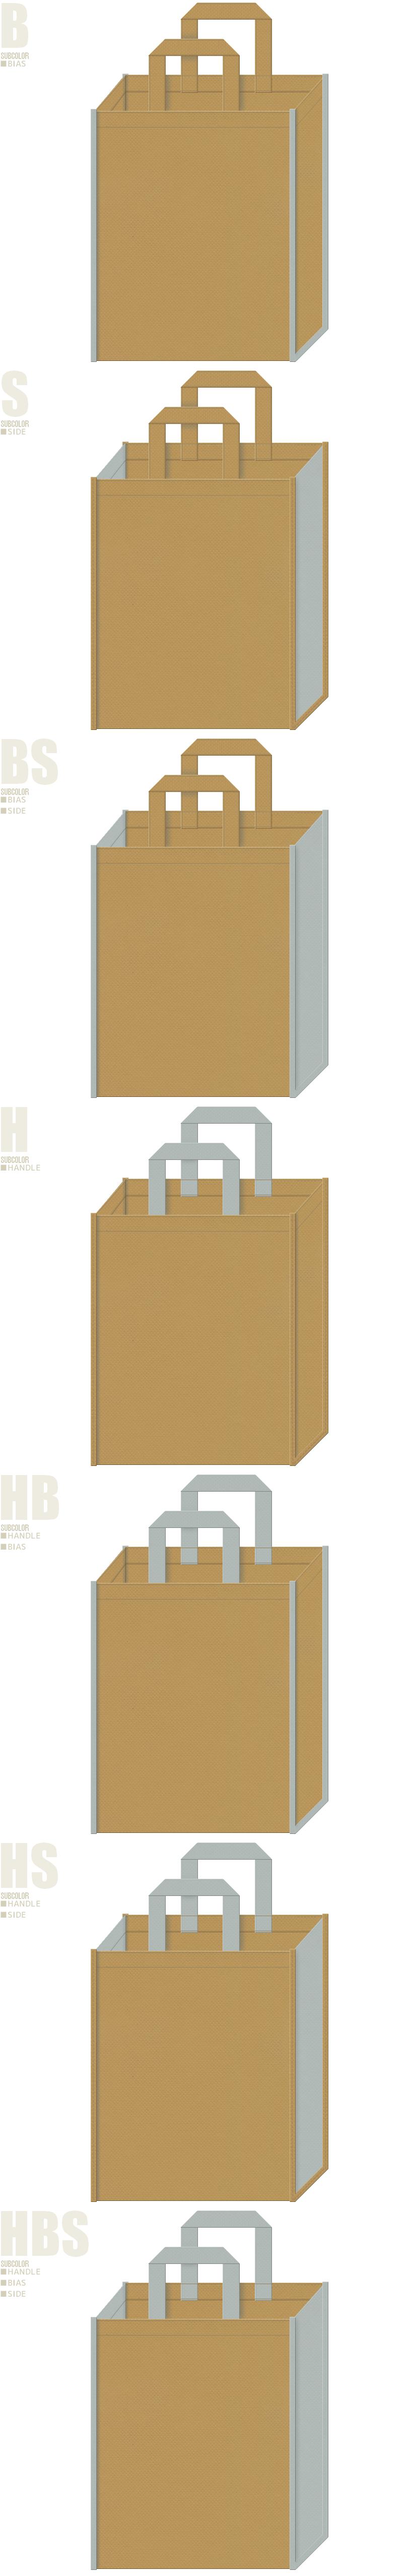 アウター・ニット・セーター・秋冬ファッションの展示会用バッグにお奨めの不織布バッグデザイン:金黄土色とグレー色の配色7パターン